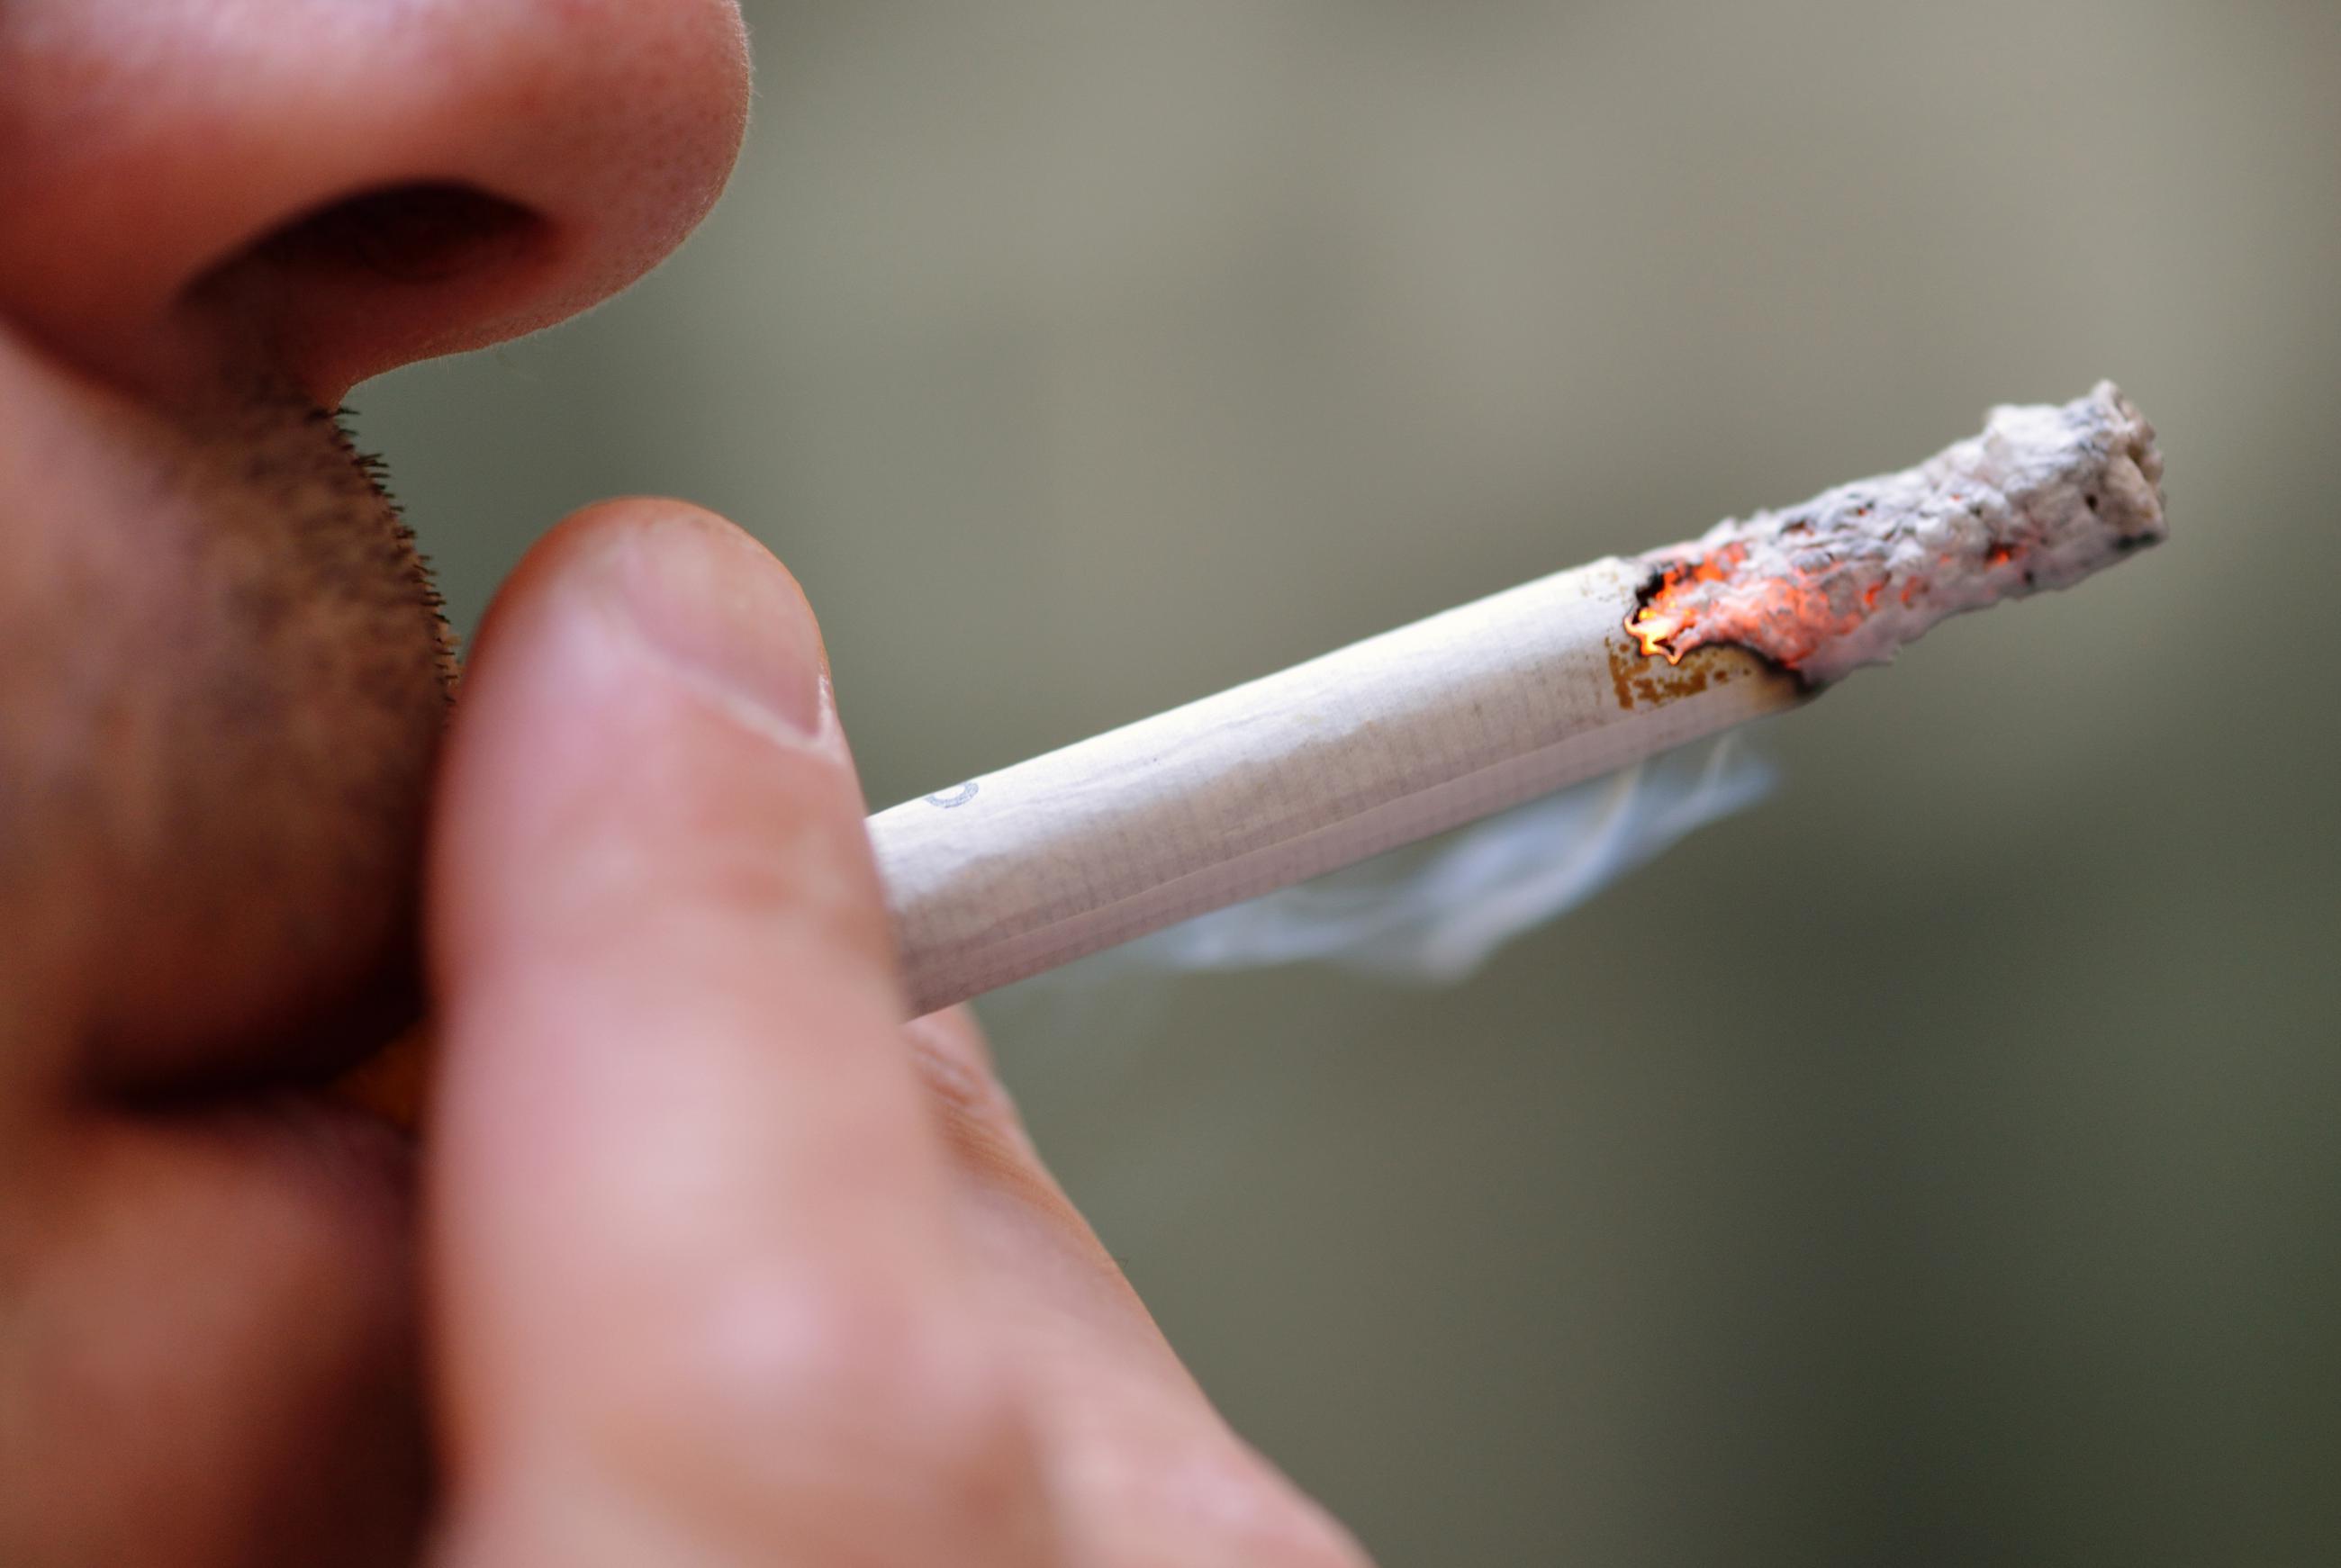 фото о борьбе с курением основных его преимуществ